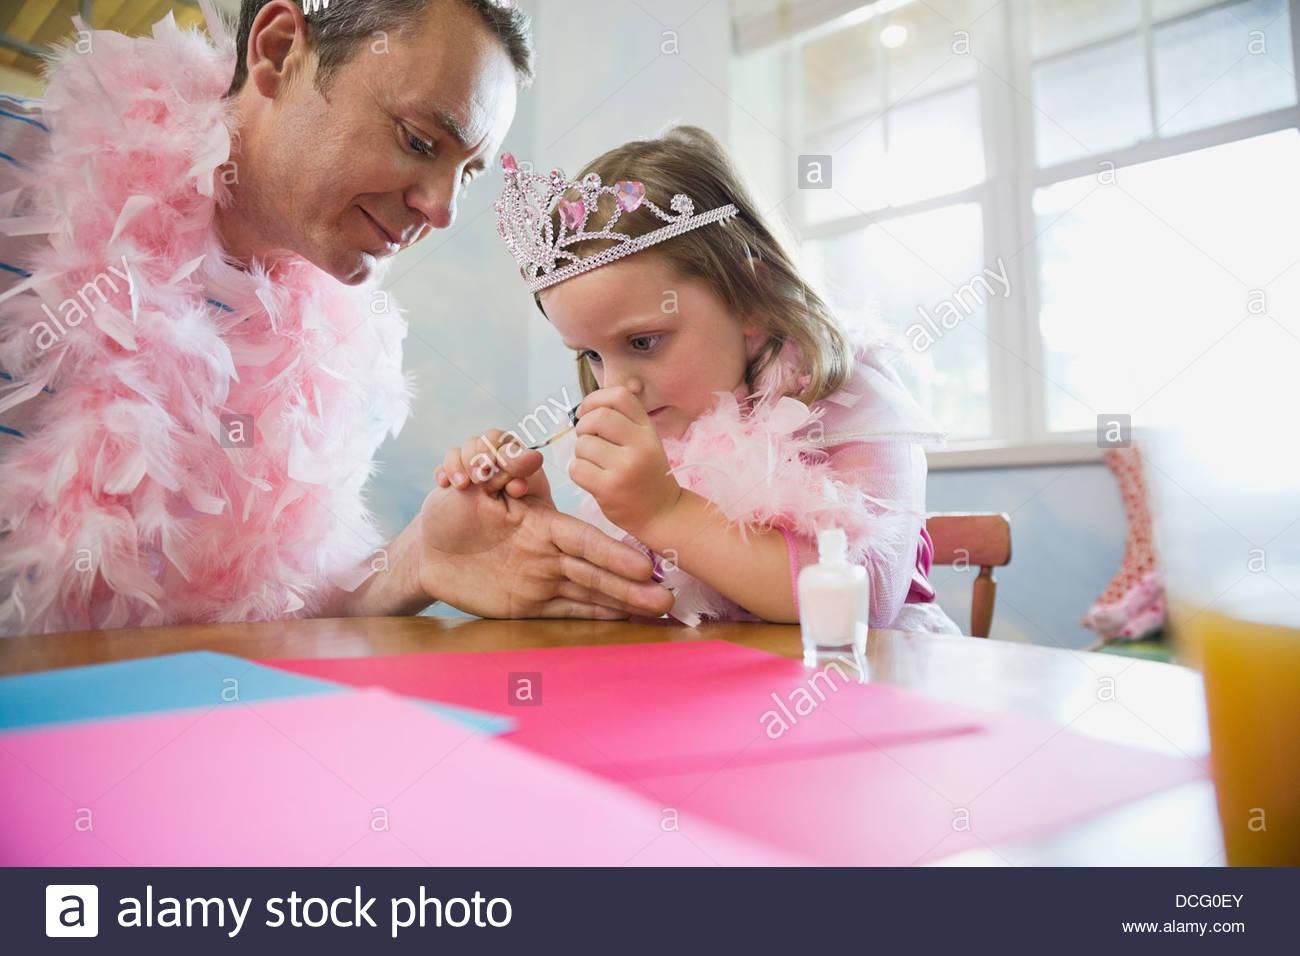 Petite fille peinture ongles pères à table Photo Stock